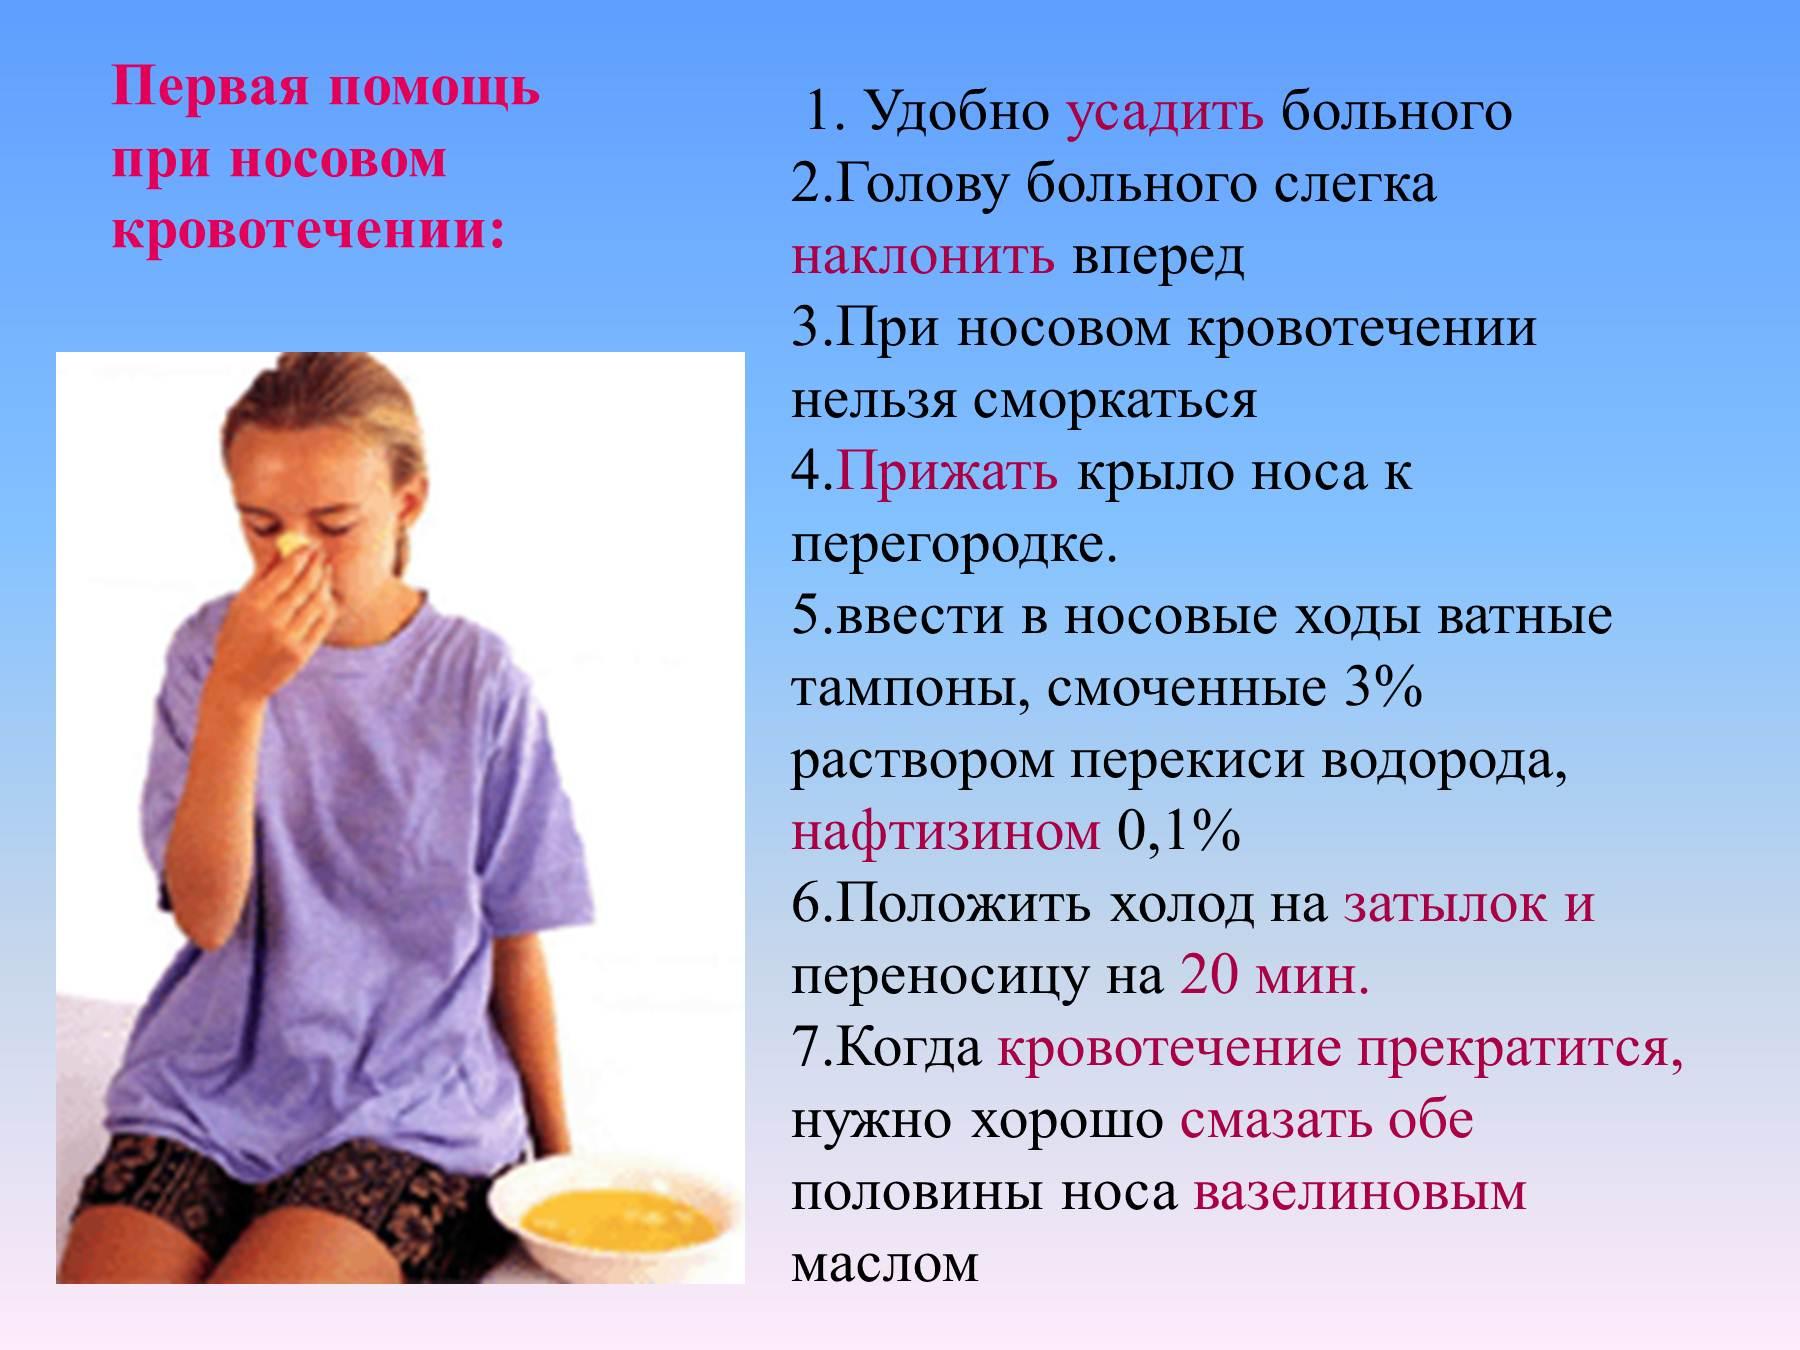 Как сделать чтоб кровь из носа